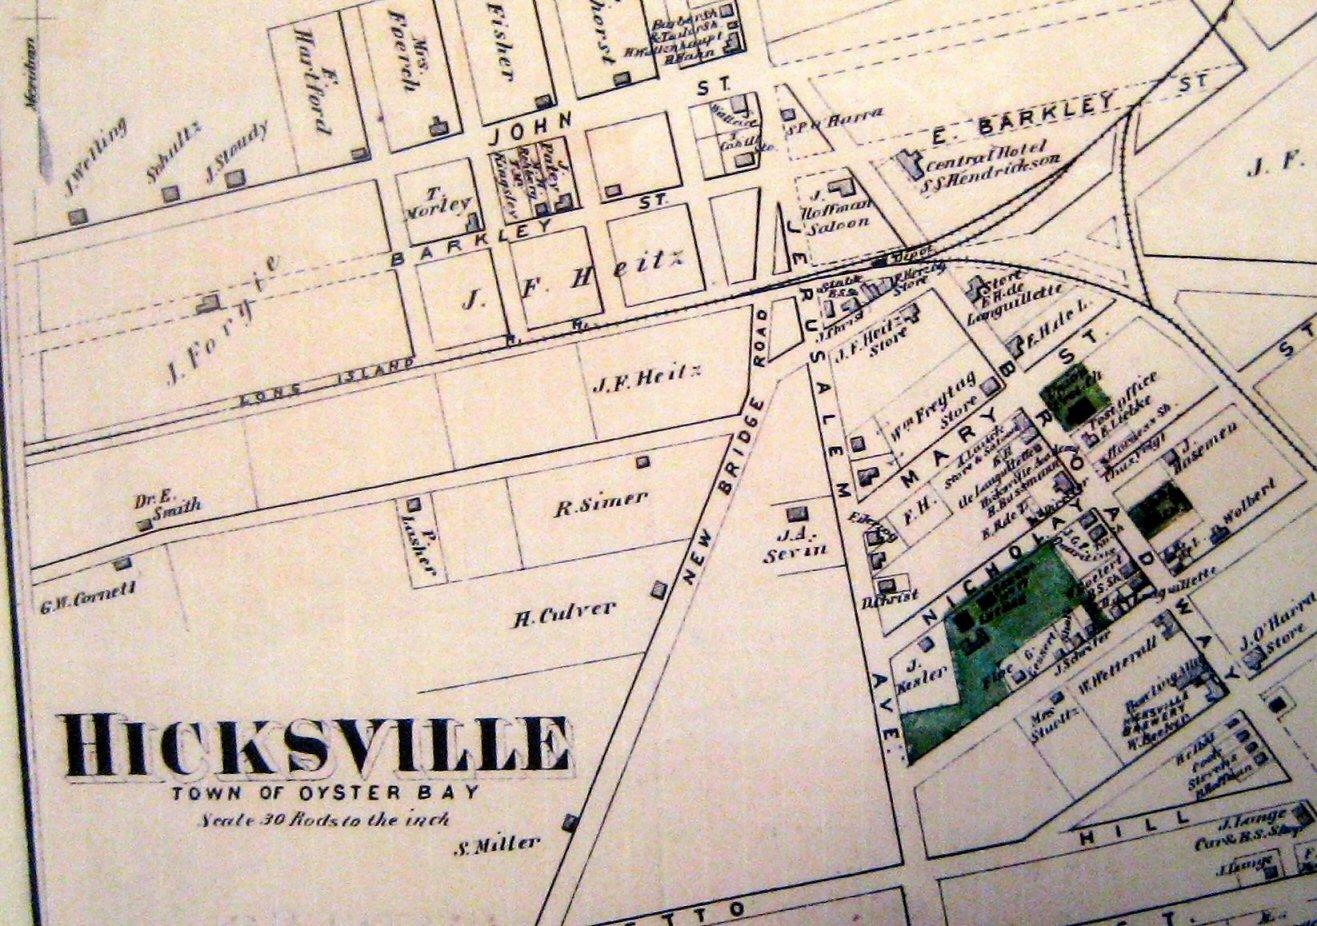 LIRR Hicksville